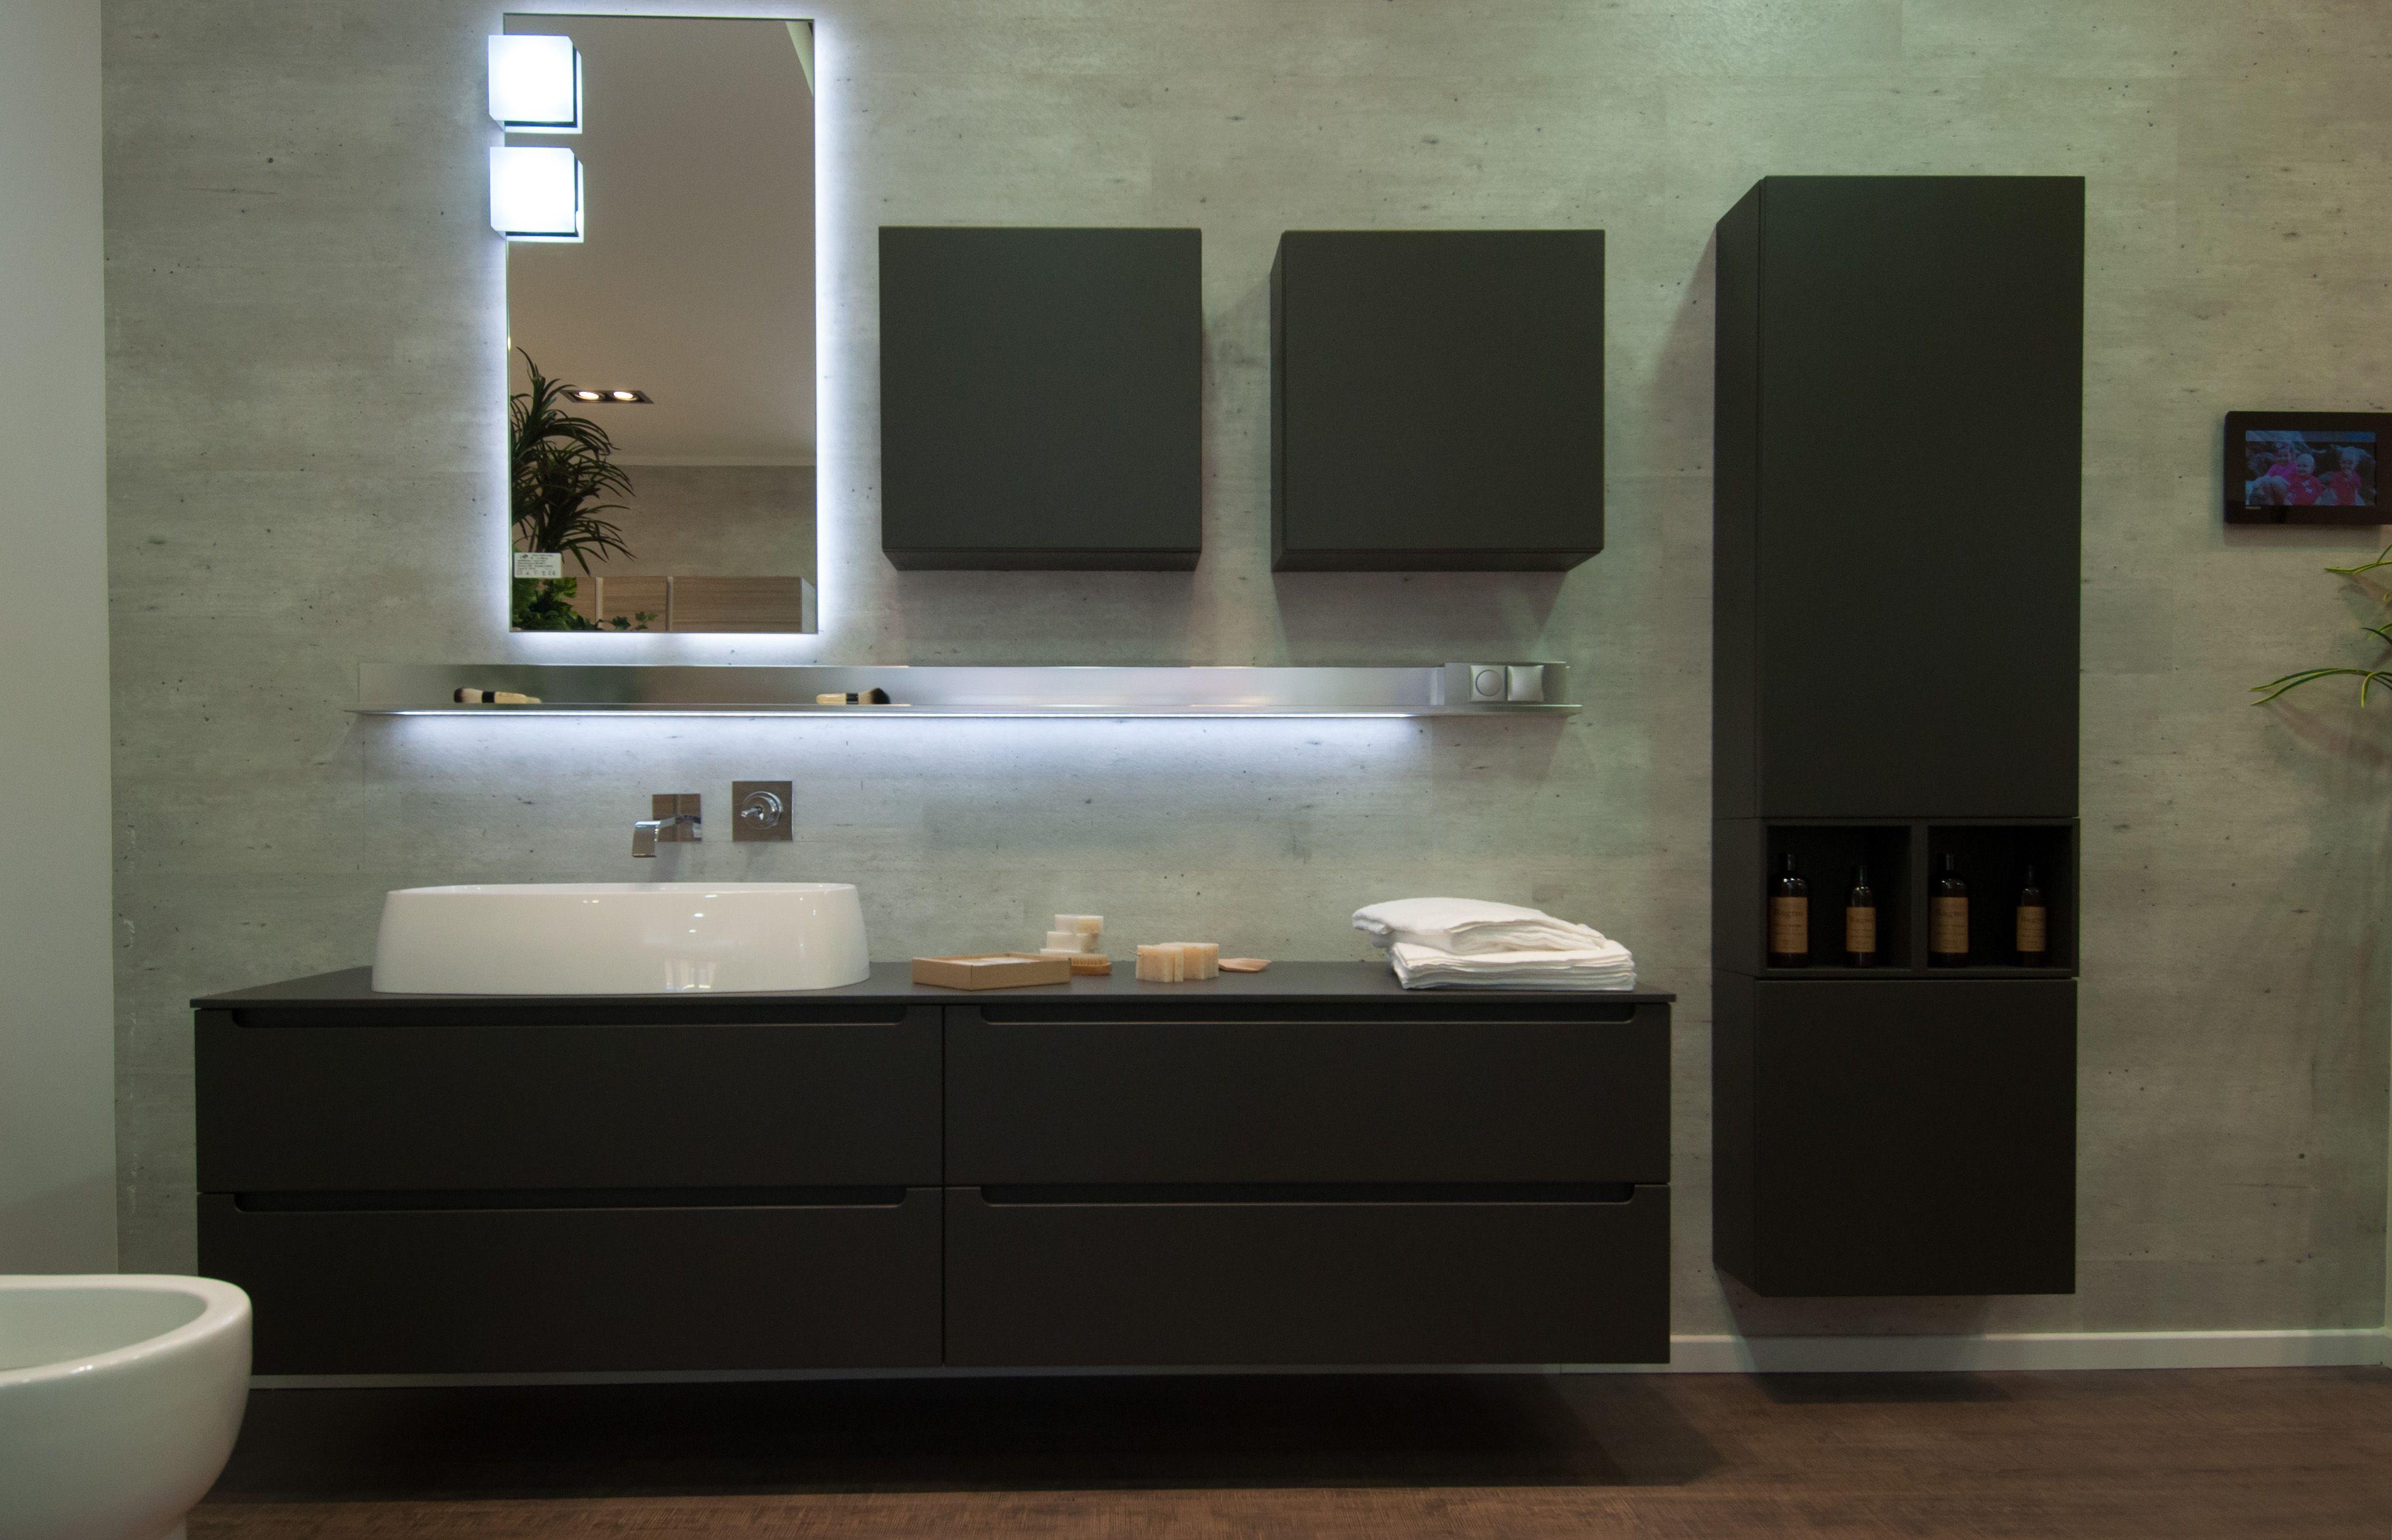 Mobili Da Bagno Scavolini : Arredo bagno scavolini showroom di firenze home sweet home